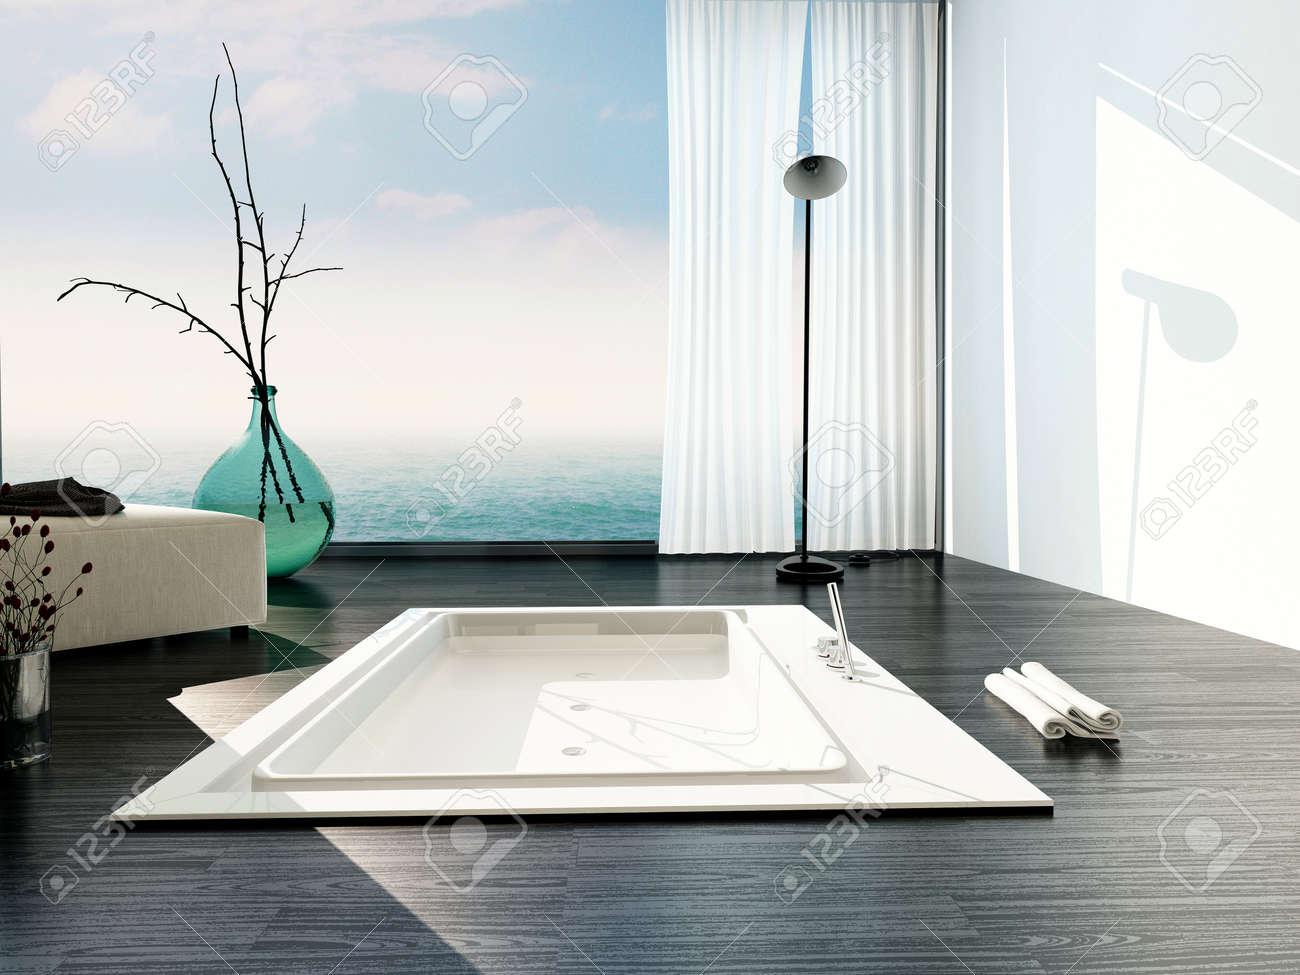 Baignoire Encastree Dans Une Elegante Salle De Bains Moderne Avec De Grandes Fenetres Du Sol Au Plafond De Verre Avec Des Stores Blancs Et Une Vue D Un Ciel Bleu Nuageux Jetant La